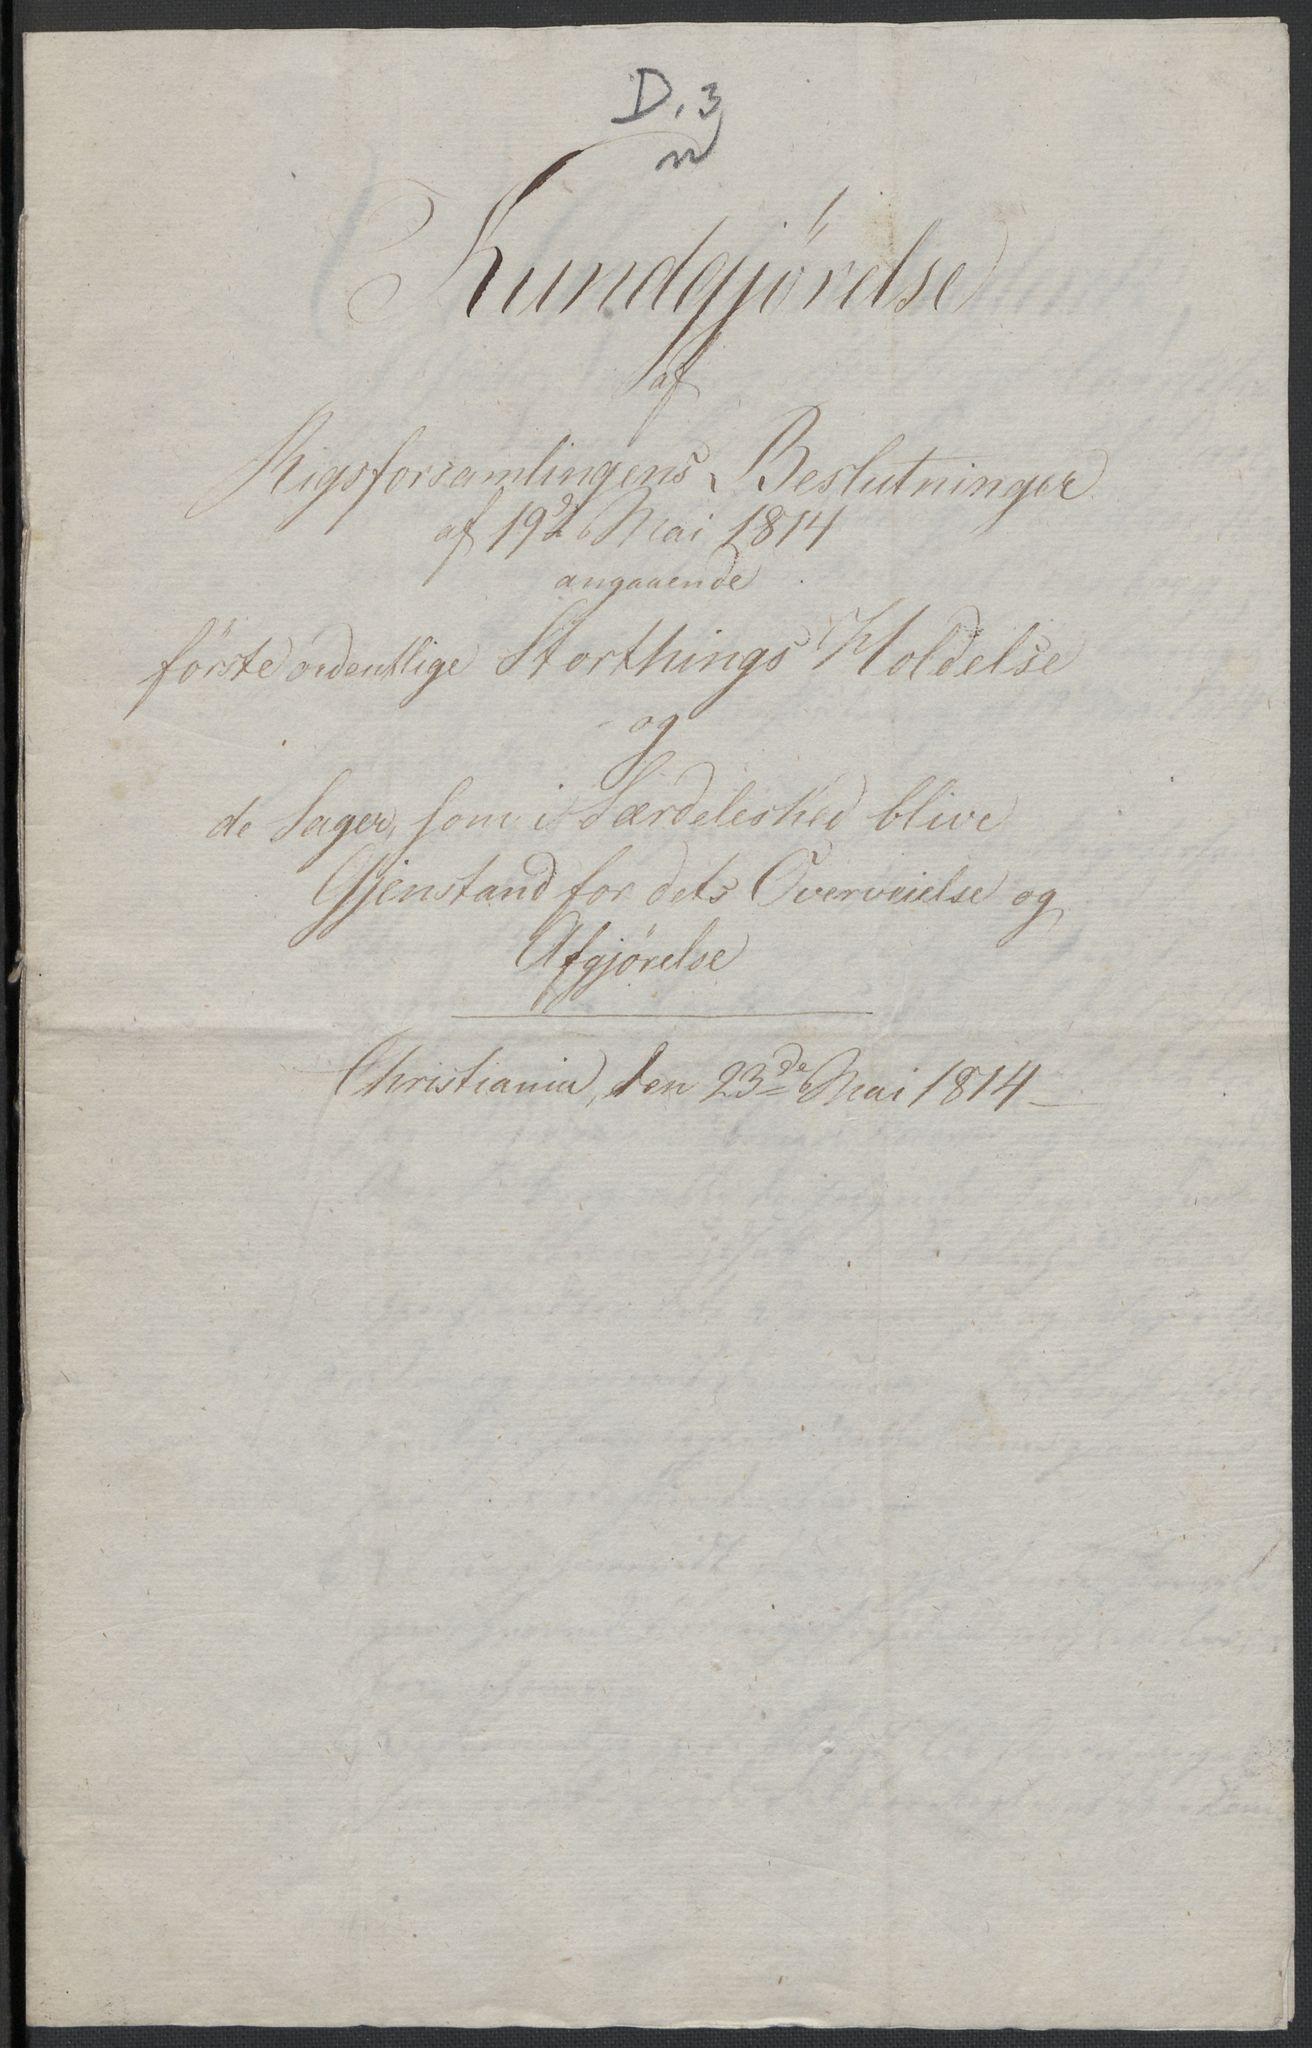 RA, Christie, Wilhelm Frimann Koren, F/L0004, 1814, s. 225